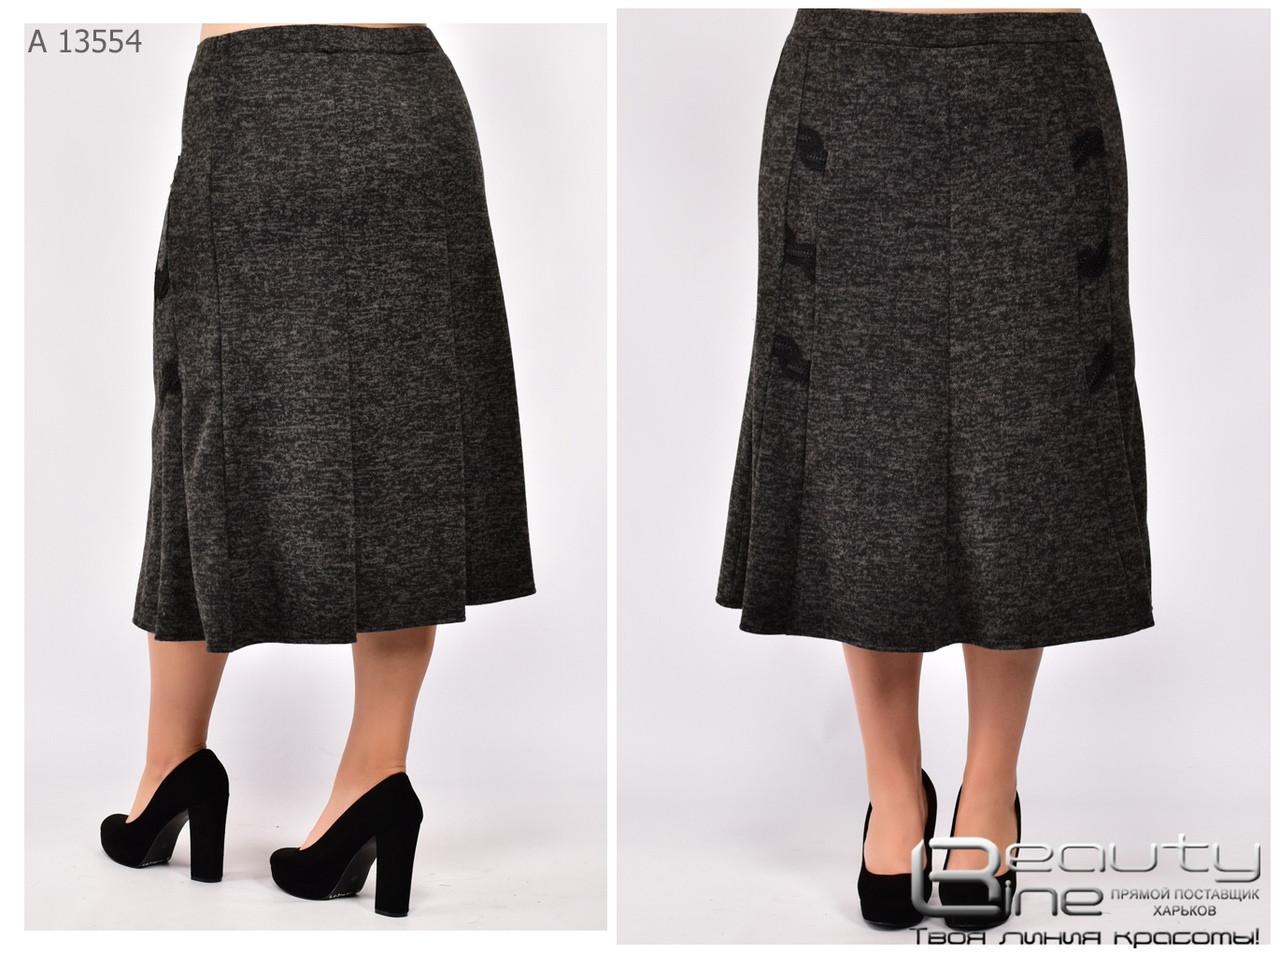 Теплая женская юбка ангора софт в большом размере  Размеры: 52.54.56.58.60.62.64.66.68